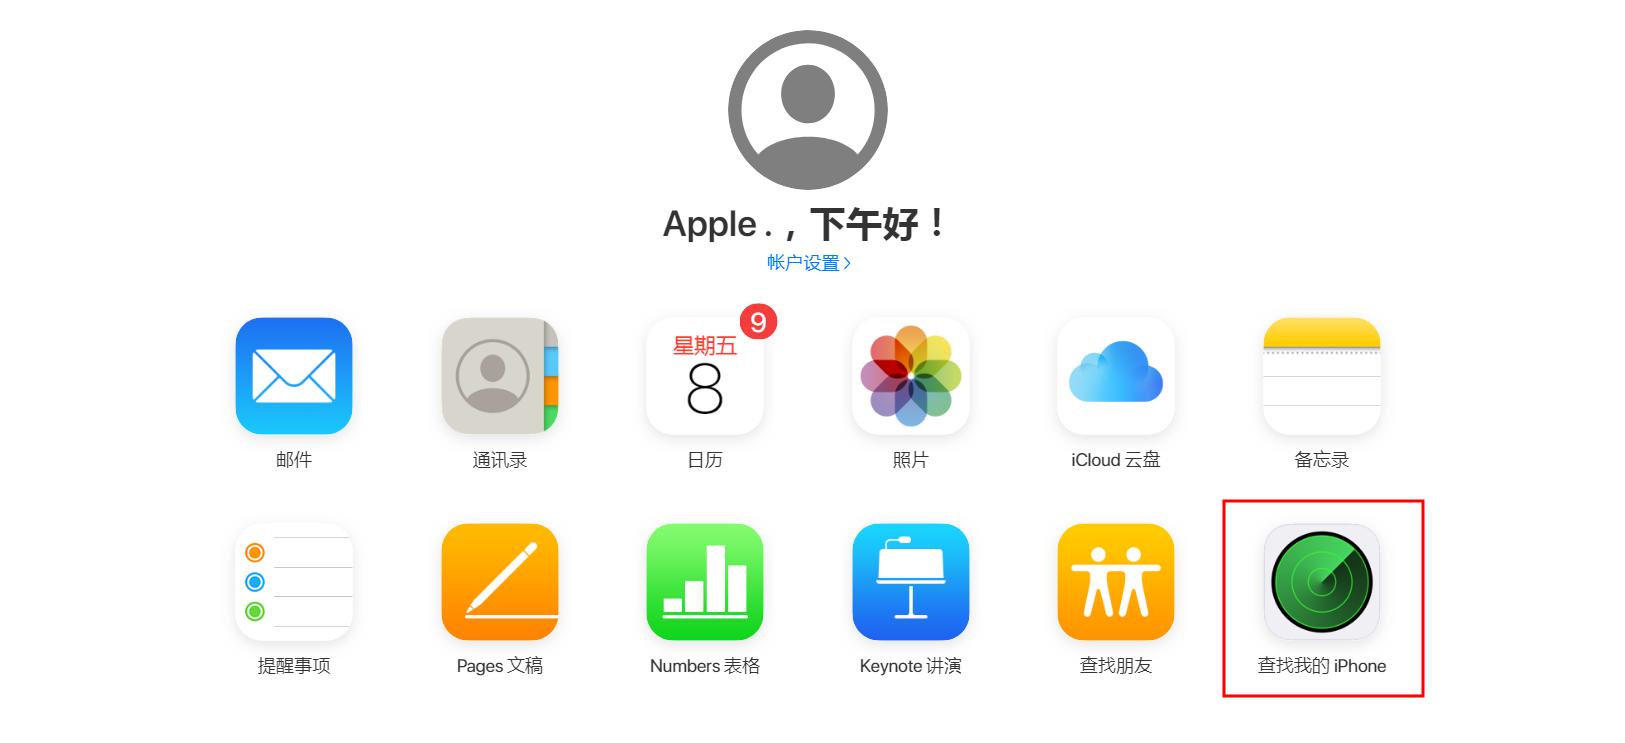 iPhone登陆密码忘掉该怎么办?iPhone已停止使用怎么解锁?